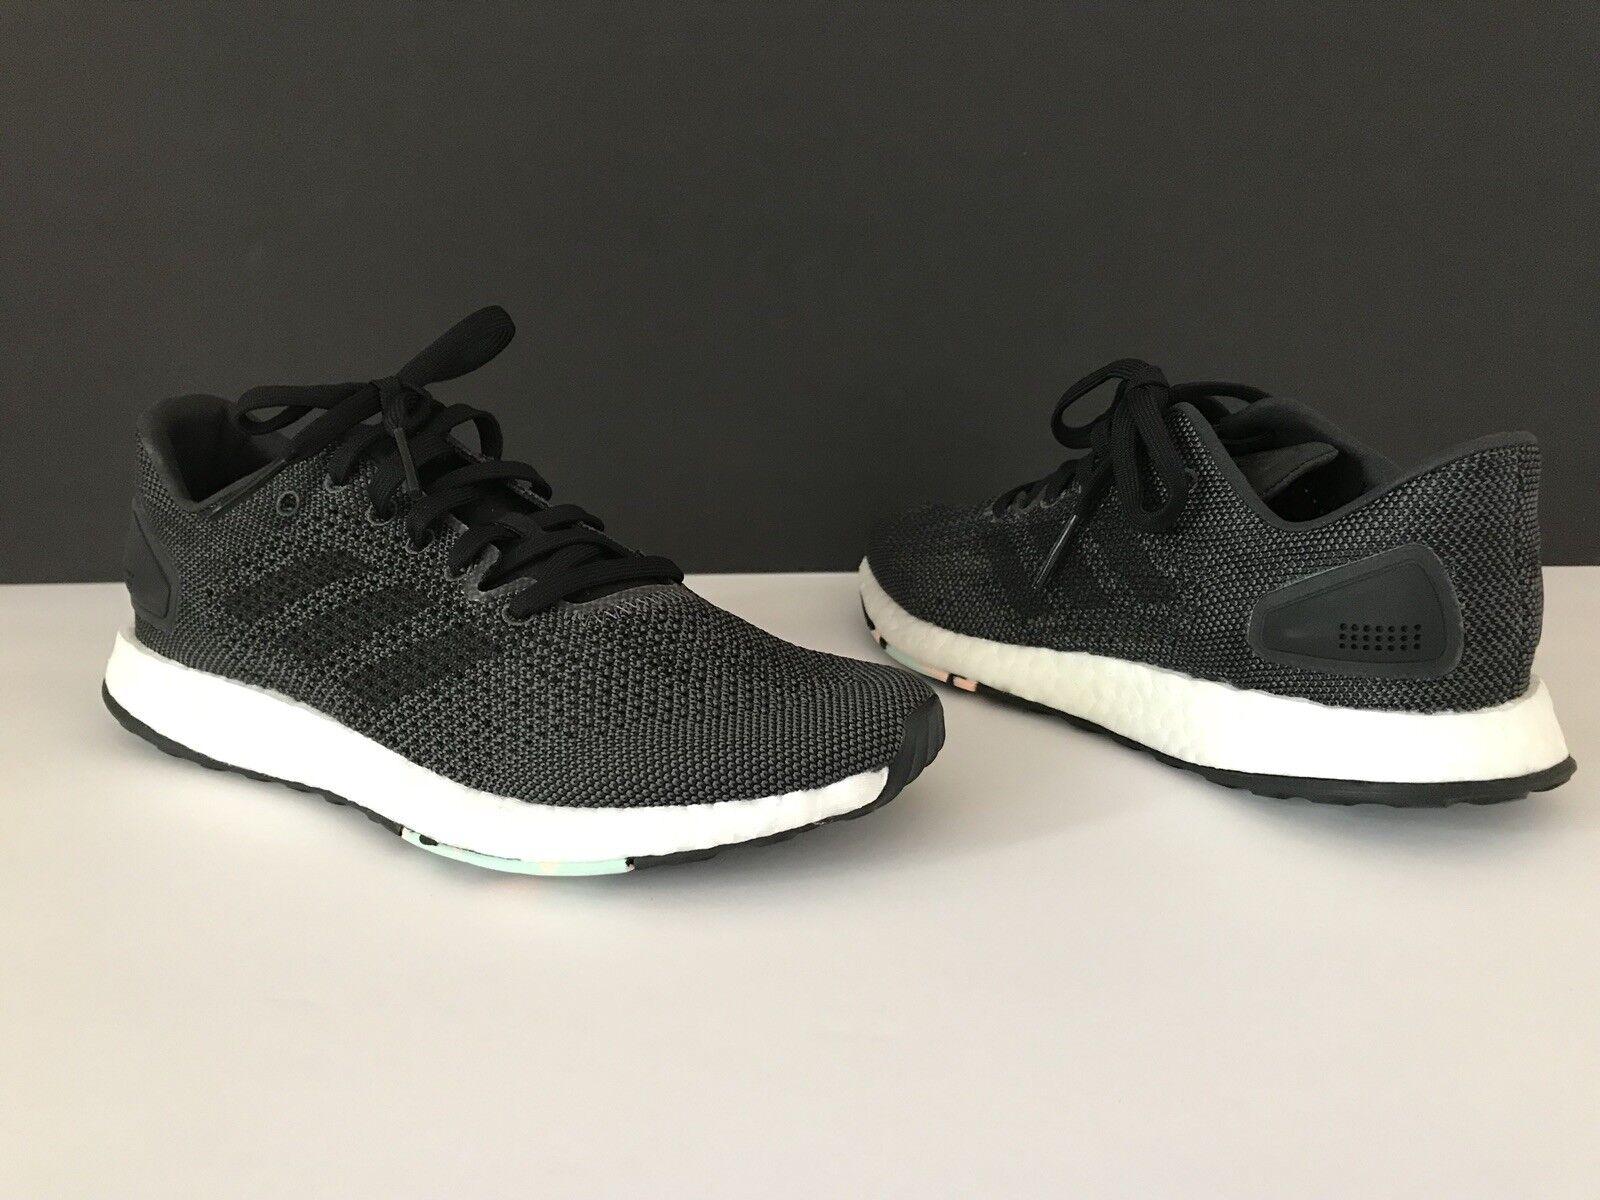 Adidas PureBoost DPR DPR DPR springaning skor Storlek 7  val med lågt pris